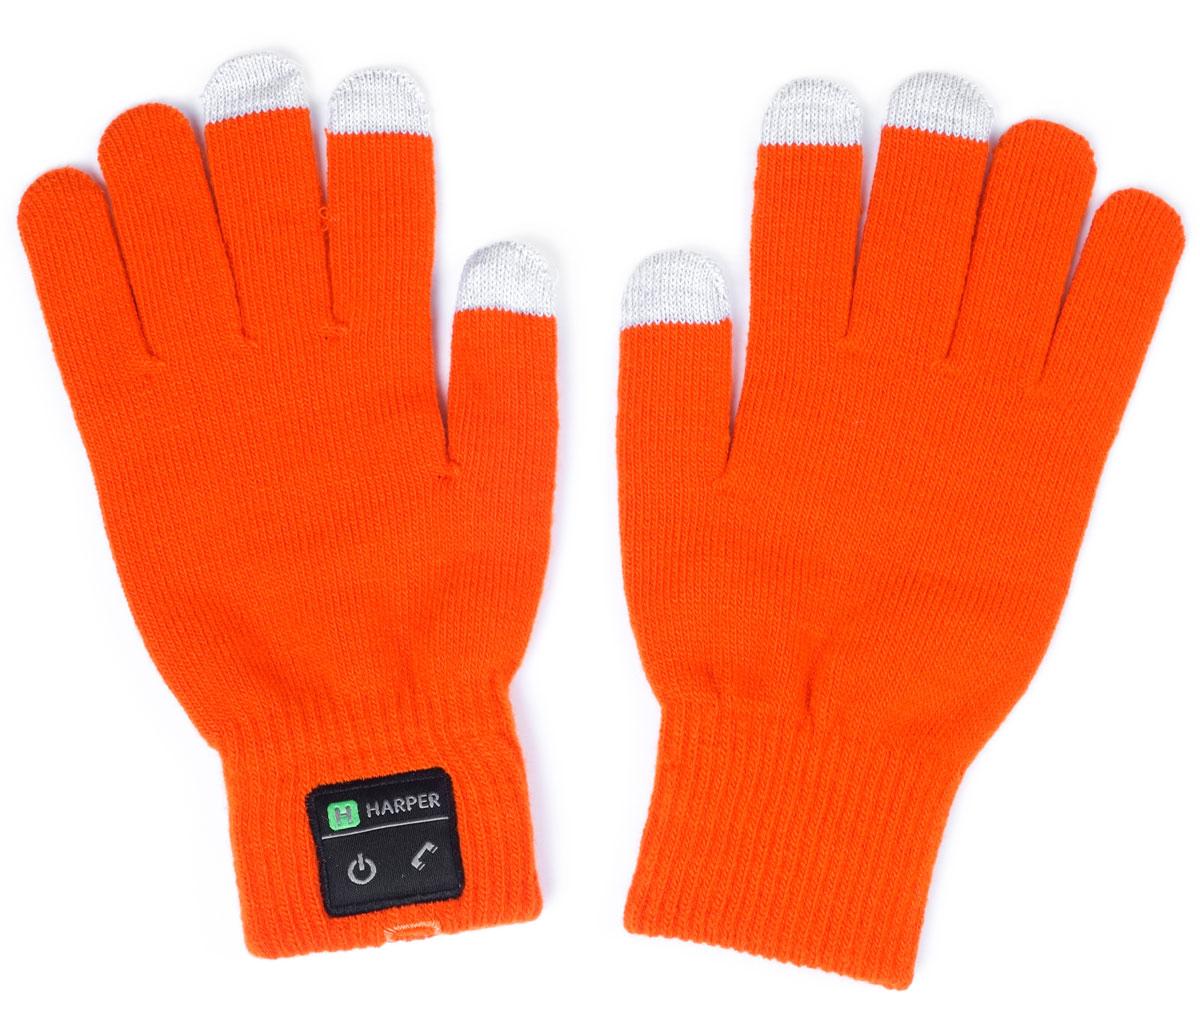 Harper HB-503, Orange перчатки с Bluetooth-гарнитуройH00000923Перчатки Harper HB-503 с Bluetooth-гарнитурой. В основе используется качественный материал, состоящий из акрила - 84%, спандекса - 10%, полиэстра - 6%. Аккуратная пряжа, шерсть не раздражает руки, без посторонних запахов. Неплохо согревают в зимнее время. В перчатках можно управлять устройством, не снимая их. Динамик расположен в большом пальце левой перчатки, а микрофон в мизинце. Модуль с двумя механическими кнопками (включение и ответ на вызов) находится на боковой части. Для того чтобы не пропустить входящий вызов, в конструкции корпуса предусмотрена вибрация. Размер: L